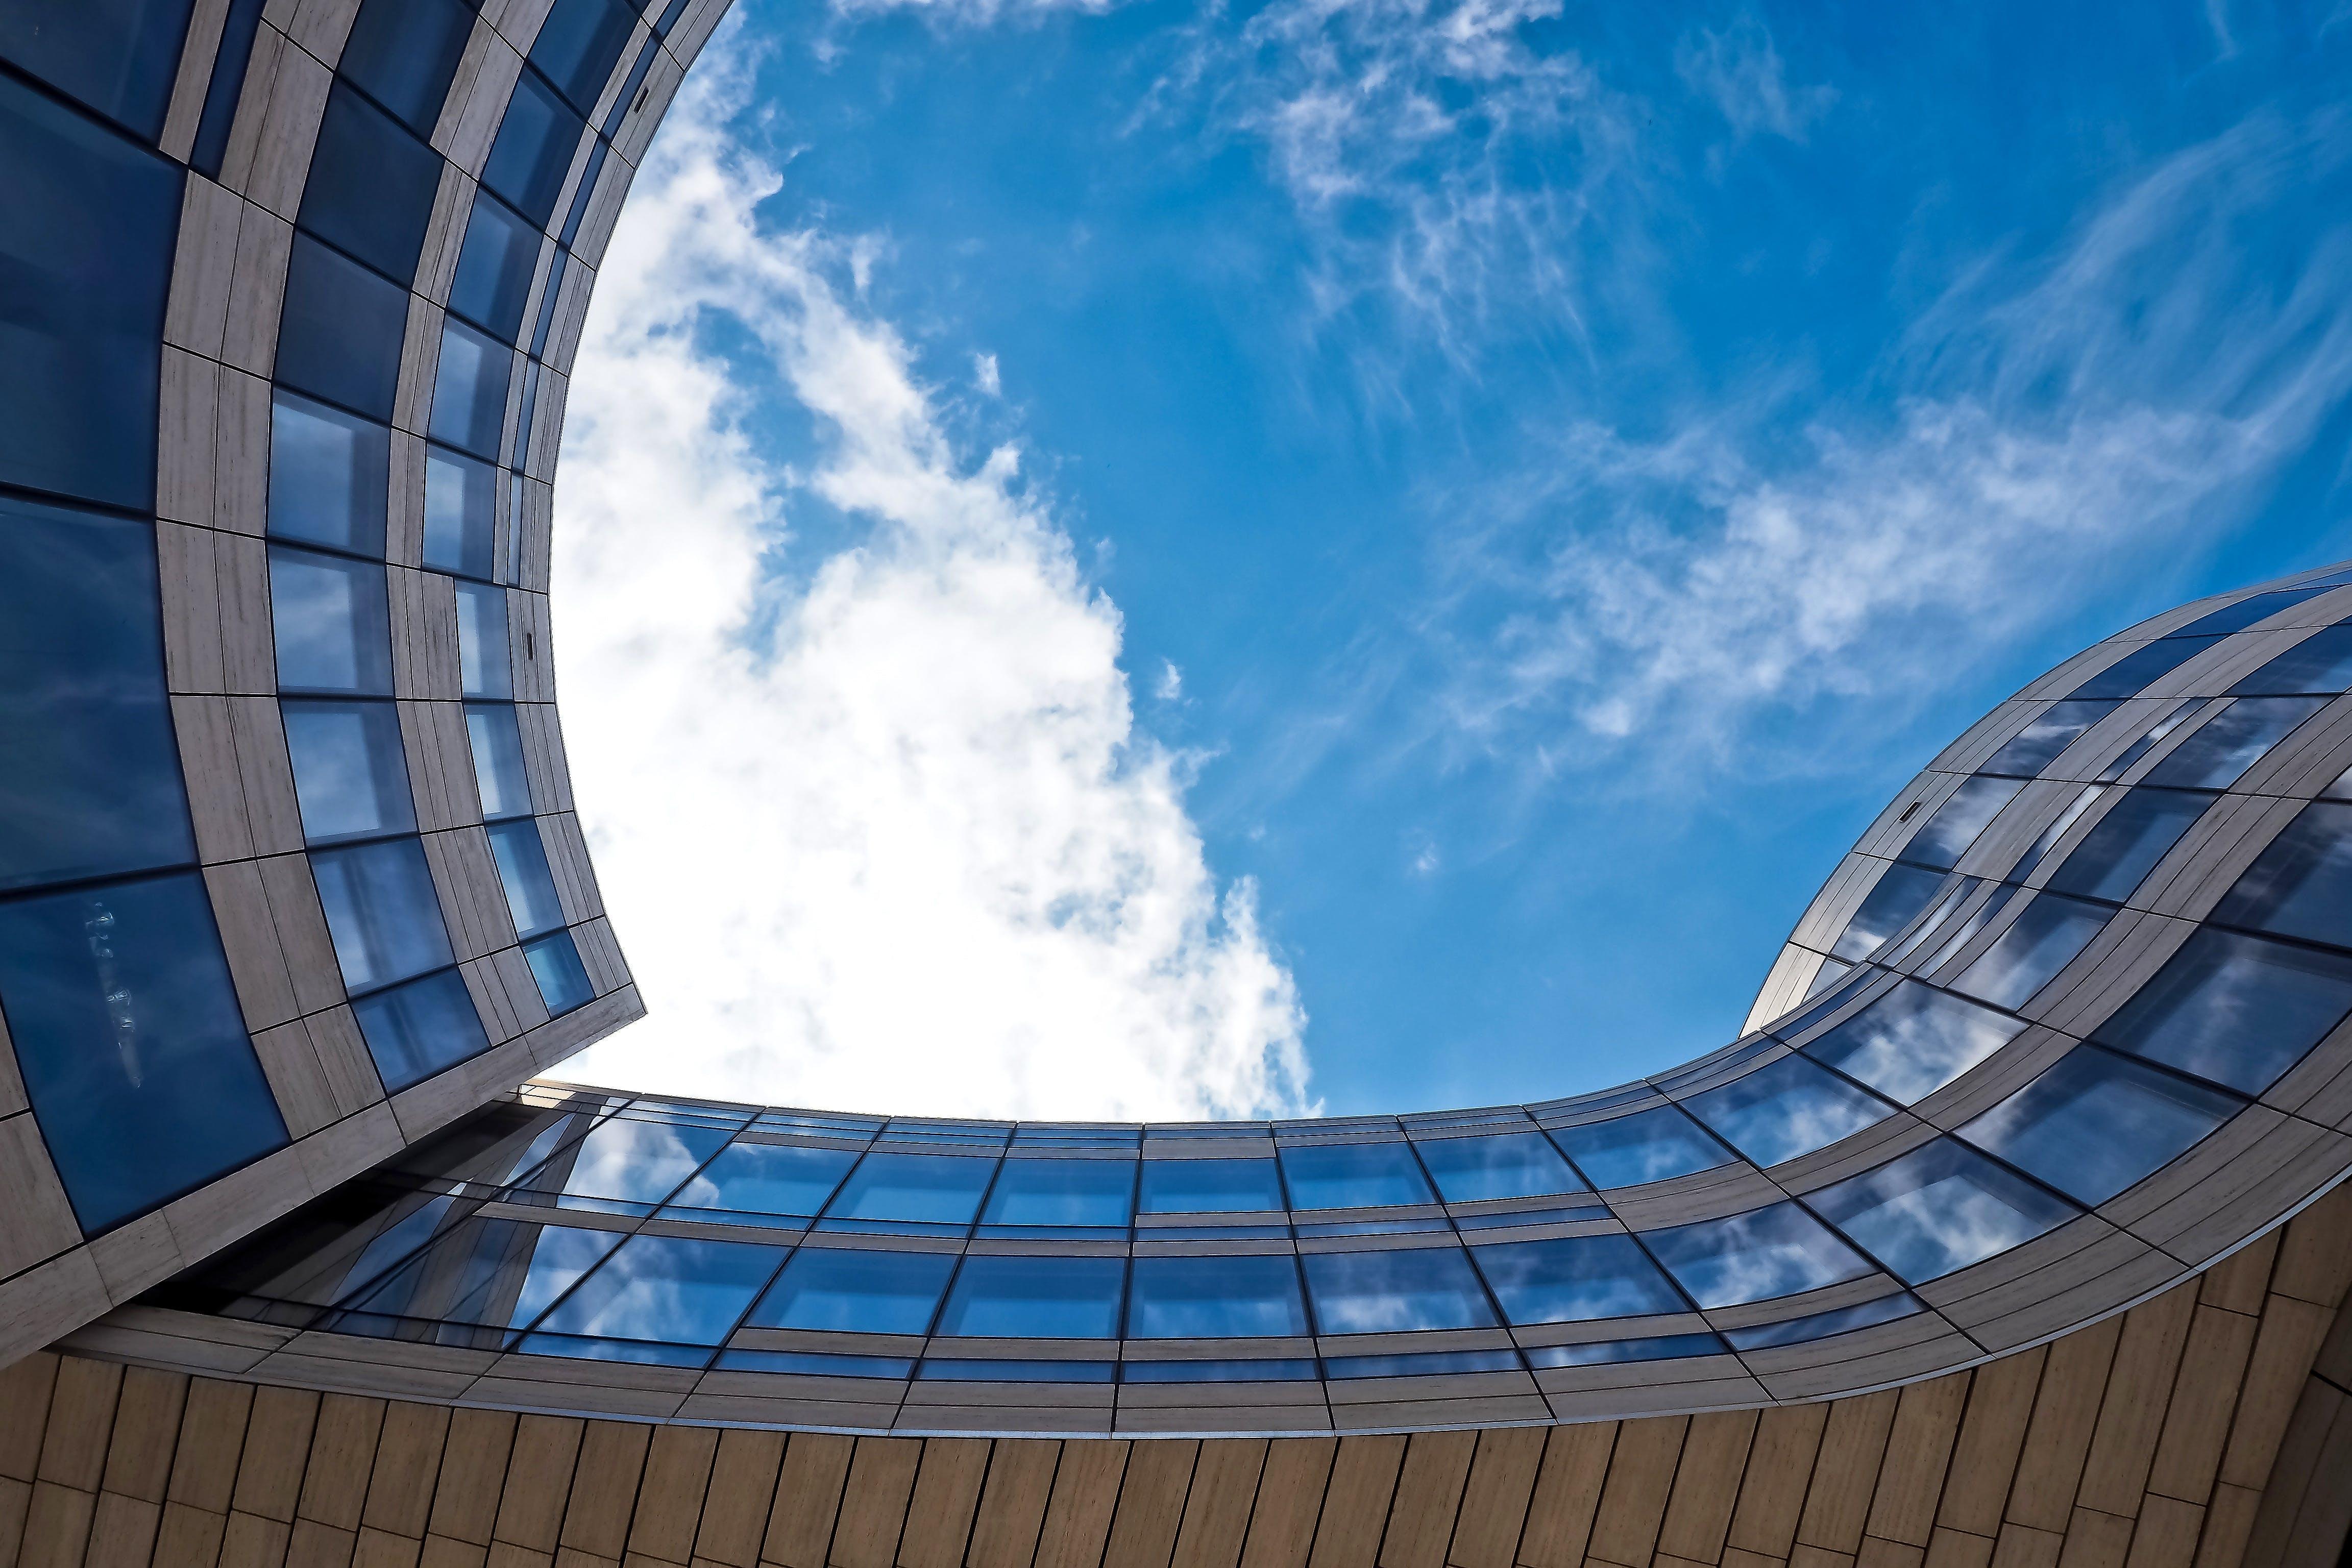 低角度拍攝, 外觀, 天空, 建築物正面 的 免費圖庫相片